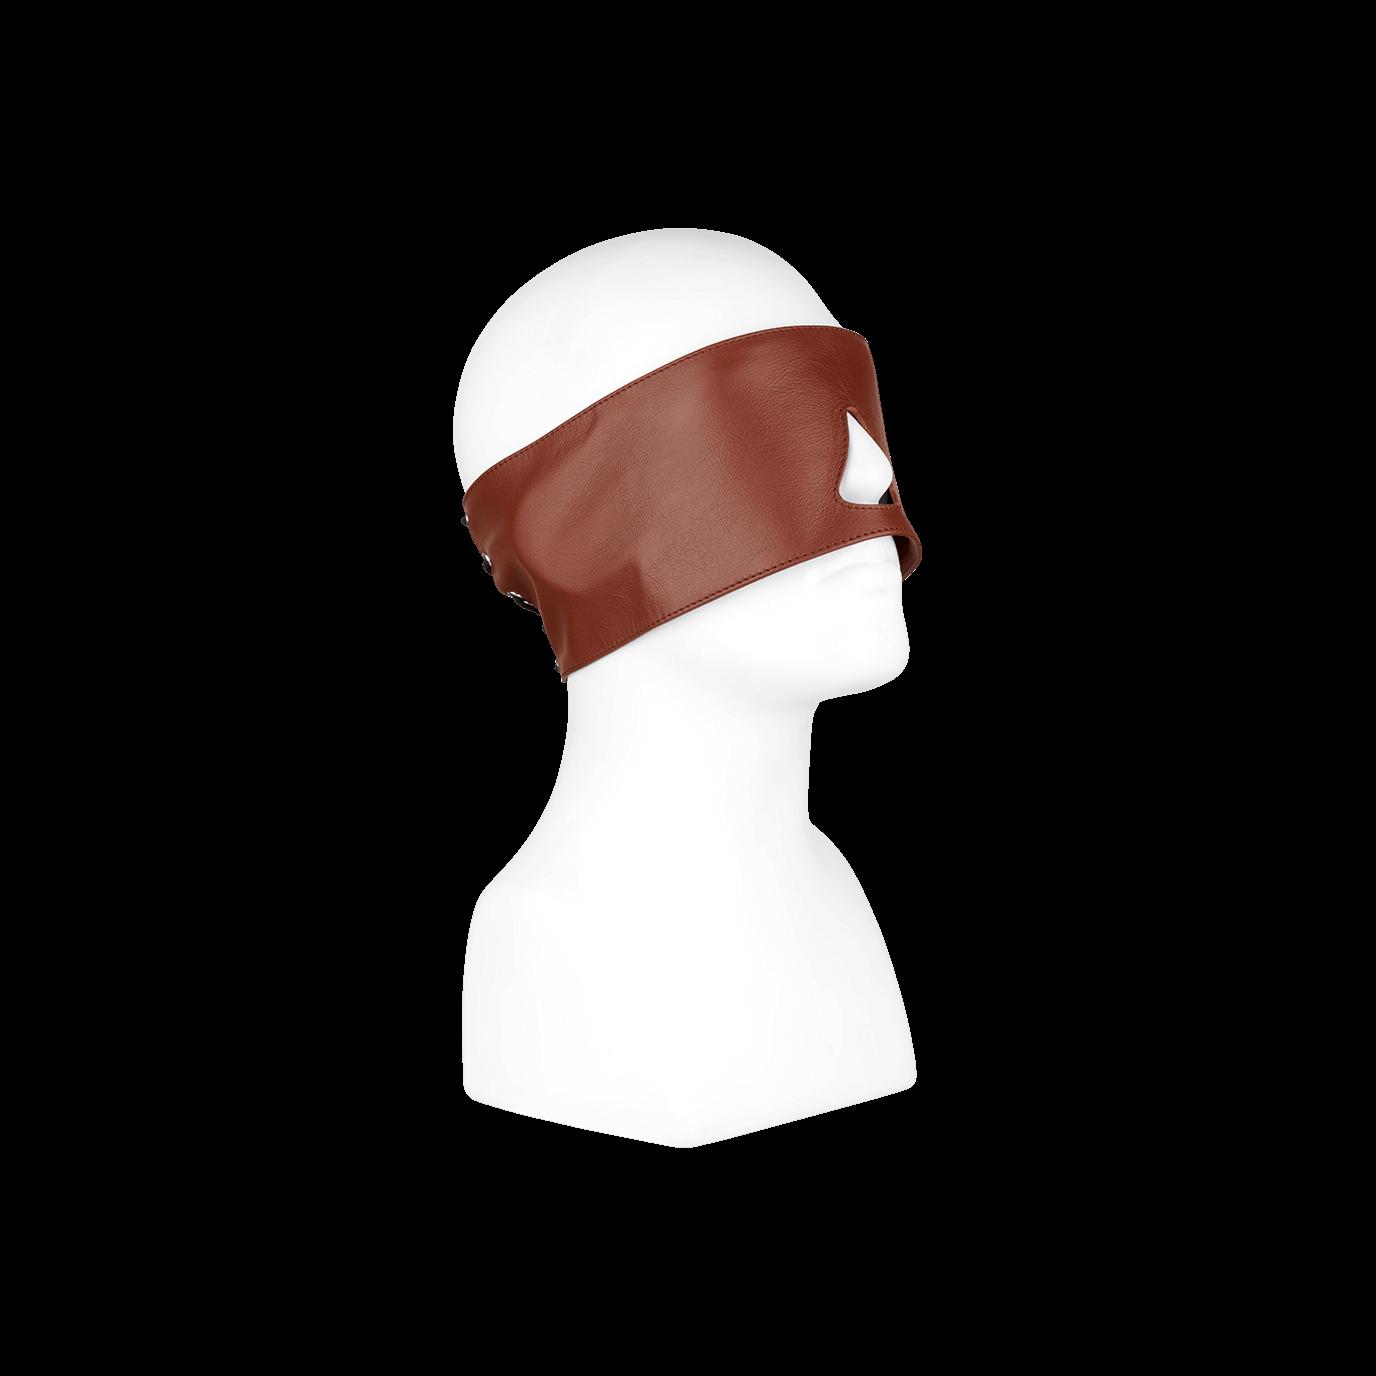 Rimba Leder-Augenmaske mit Schnürung, braun - broschei